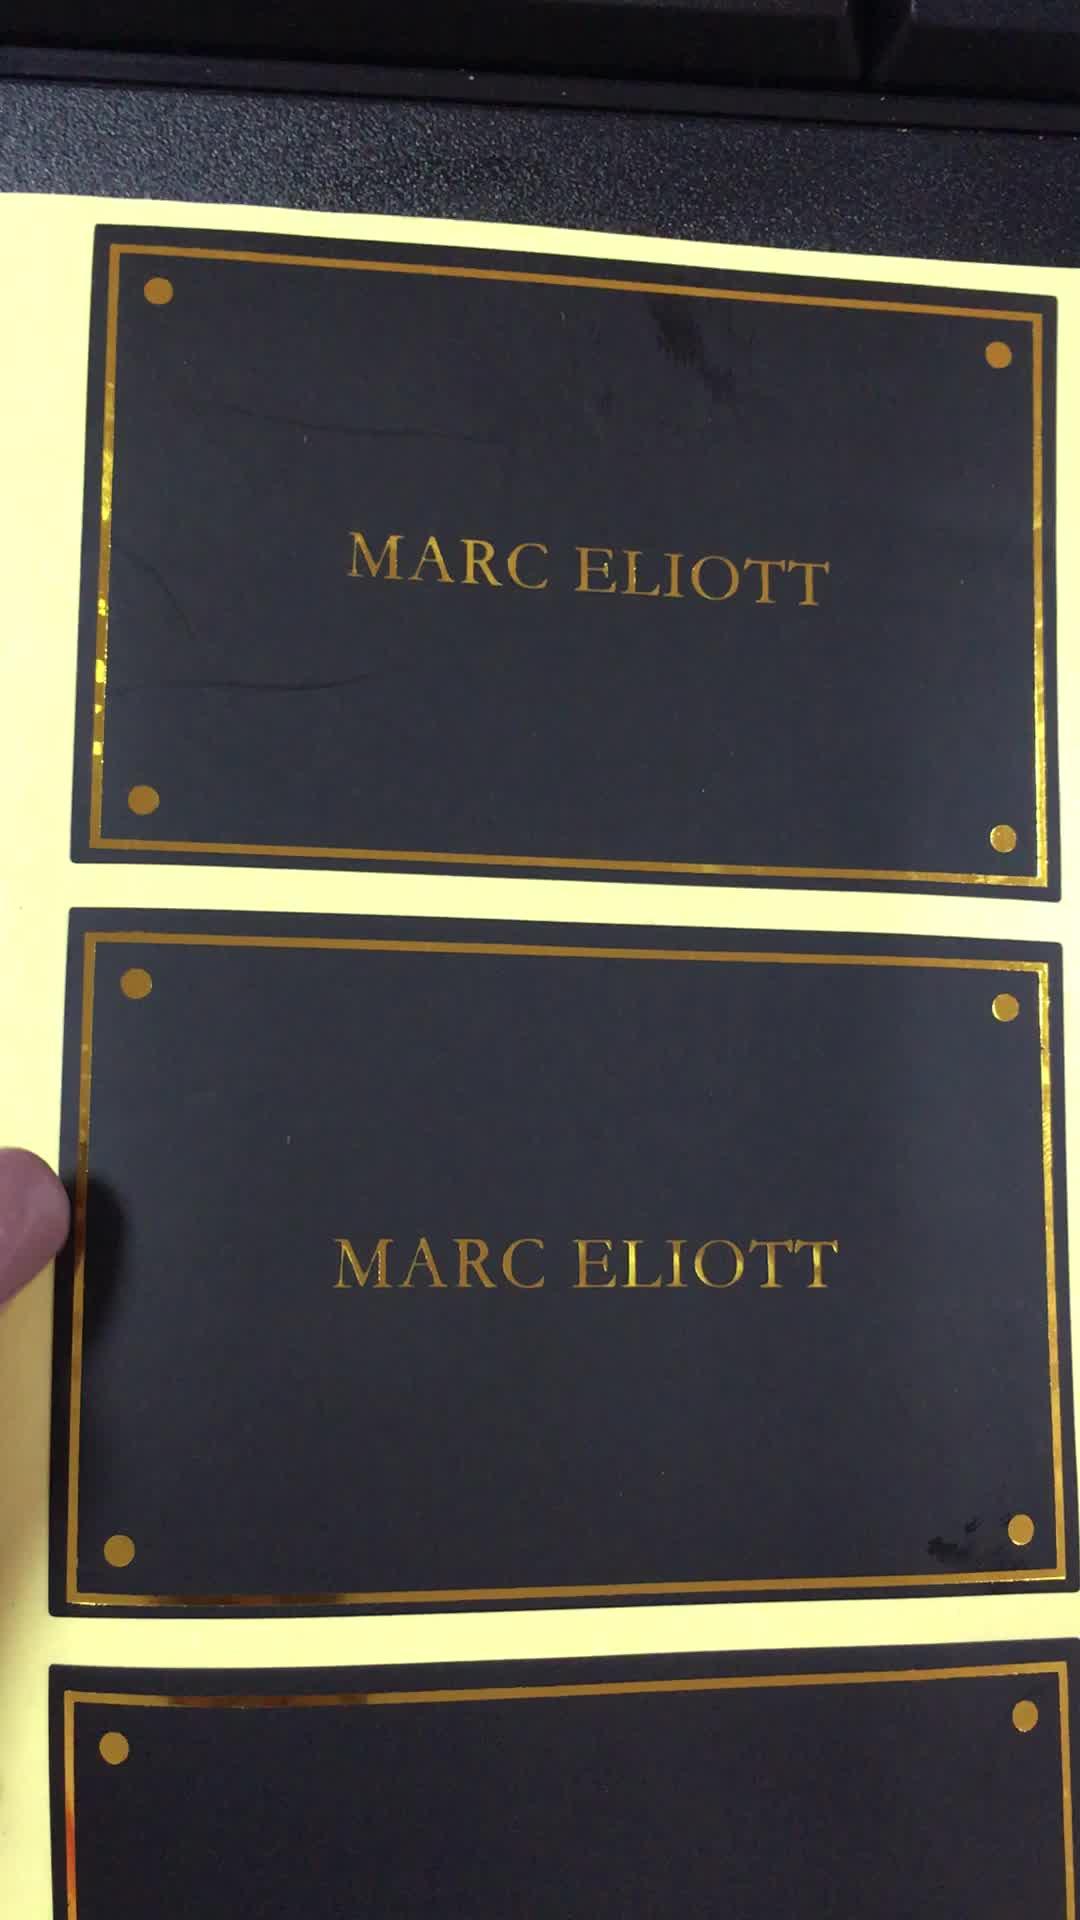 Autocollants adhésifs découpés personnalisé   Conception privée, Logo de marque imprimé en feuille d'or brillante